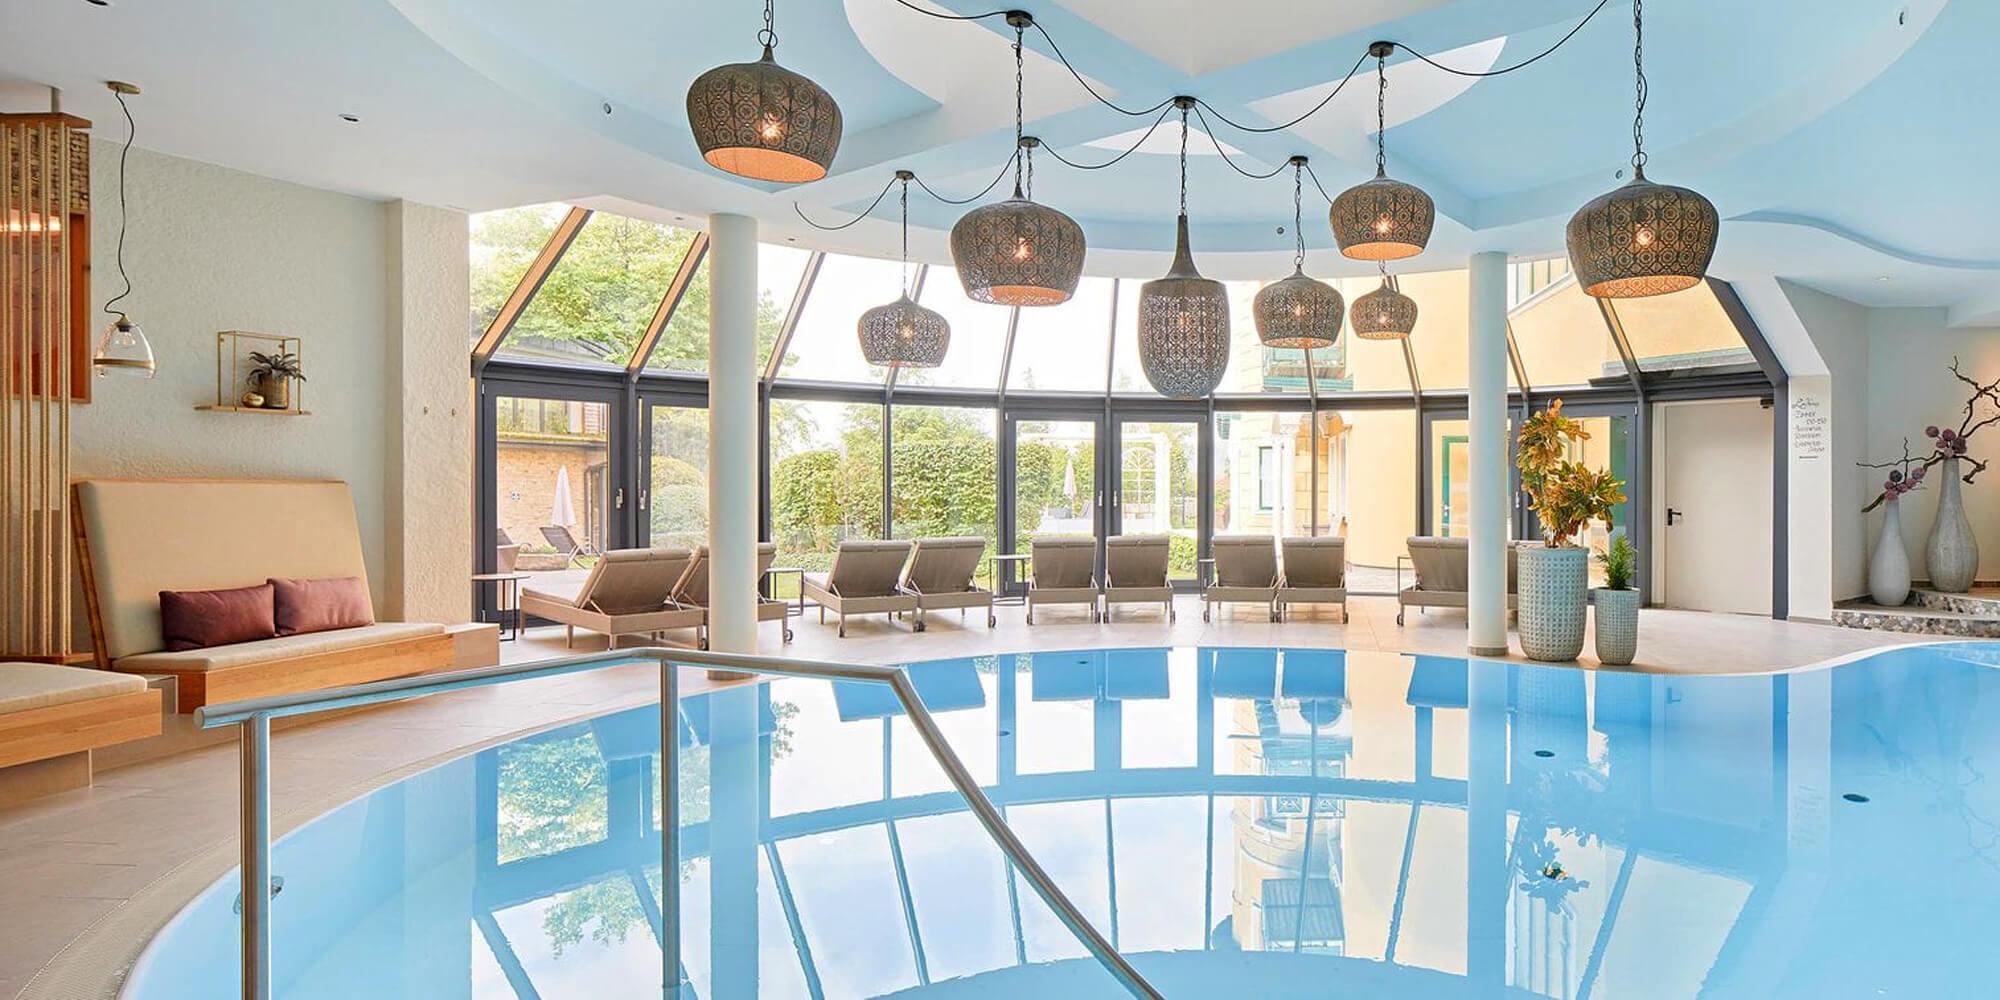 Crea-Plan-Design-Rauch-Frühmann-Architektur-Innenarchitektur-Design-Projekt-Referenz-Hotelerie-Gastronomie-Hotel-Guglwald-Wellness-D